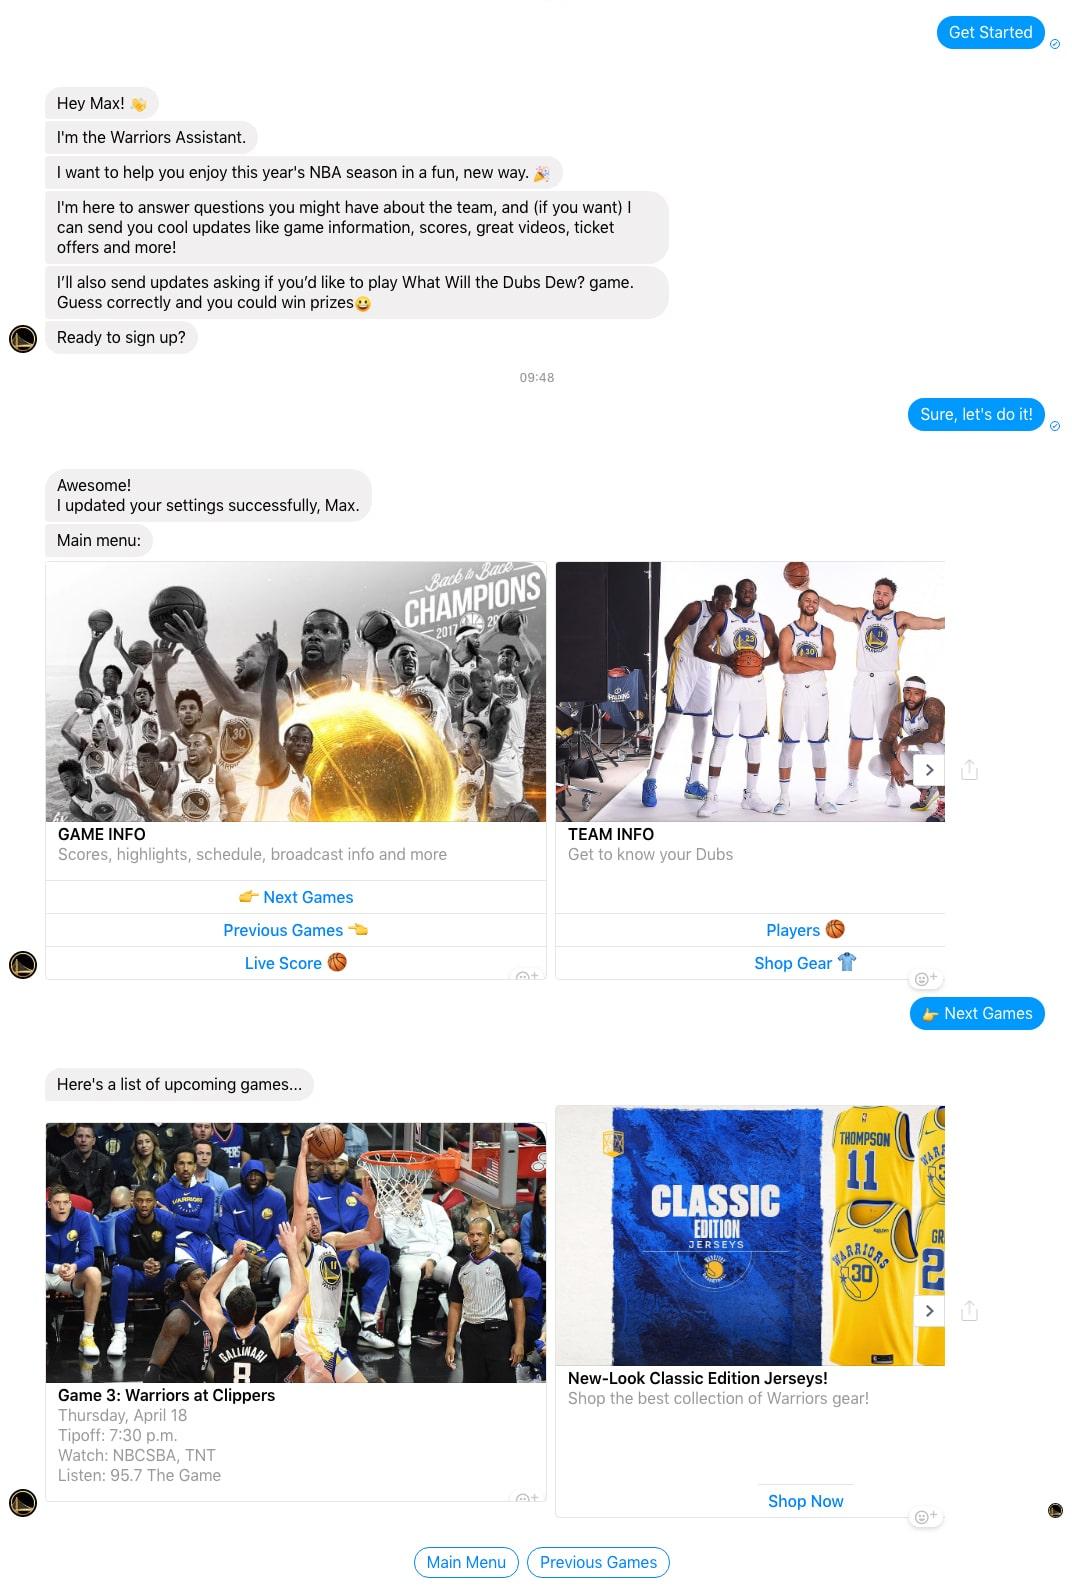 Facebook Messenger Bot: Golden State Warriors